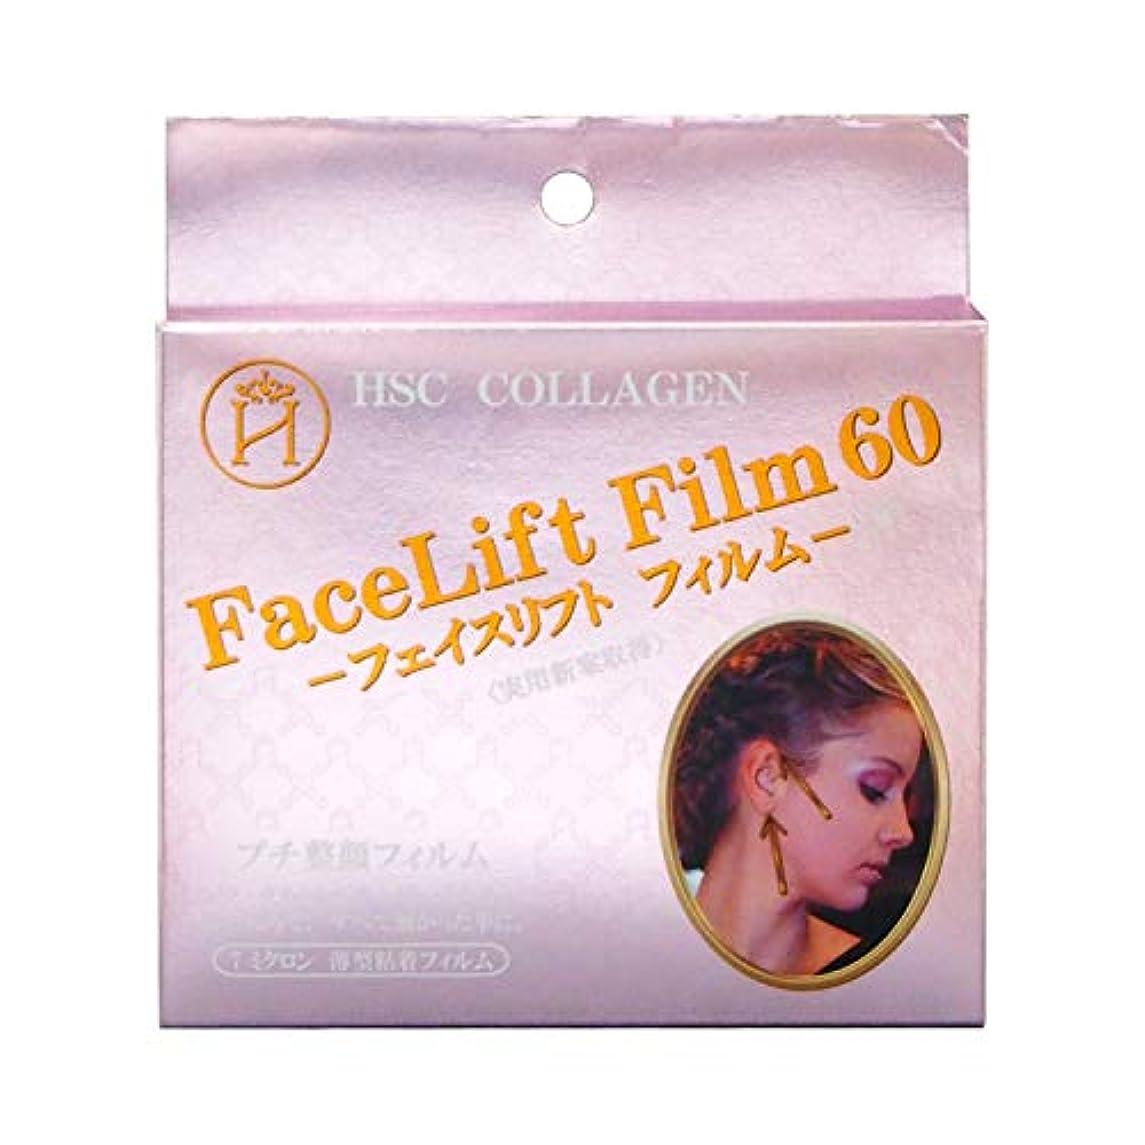 ジャンピングジャック傾いたものフェイスリフトフィルム60 たるみ テープ 引き上げ 透明 目立たない フェイスライン